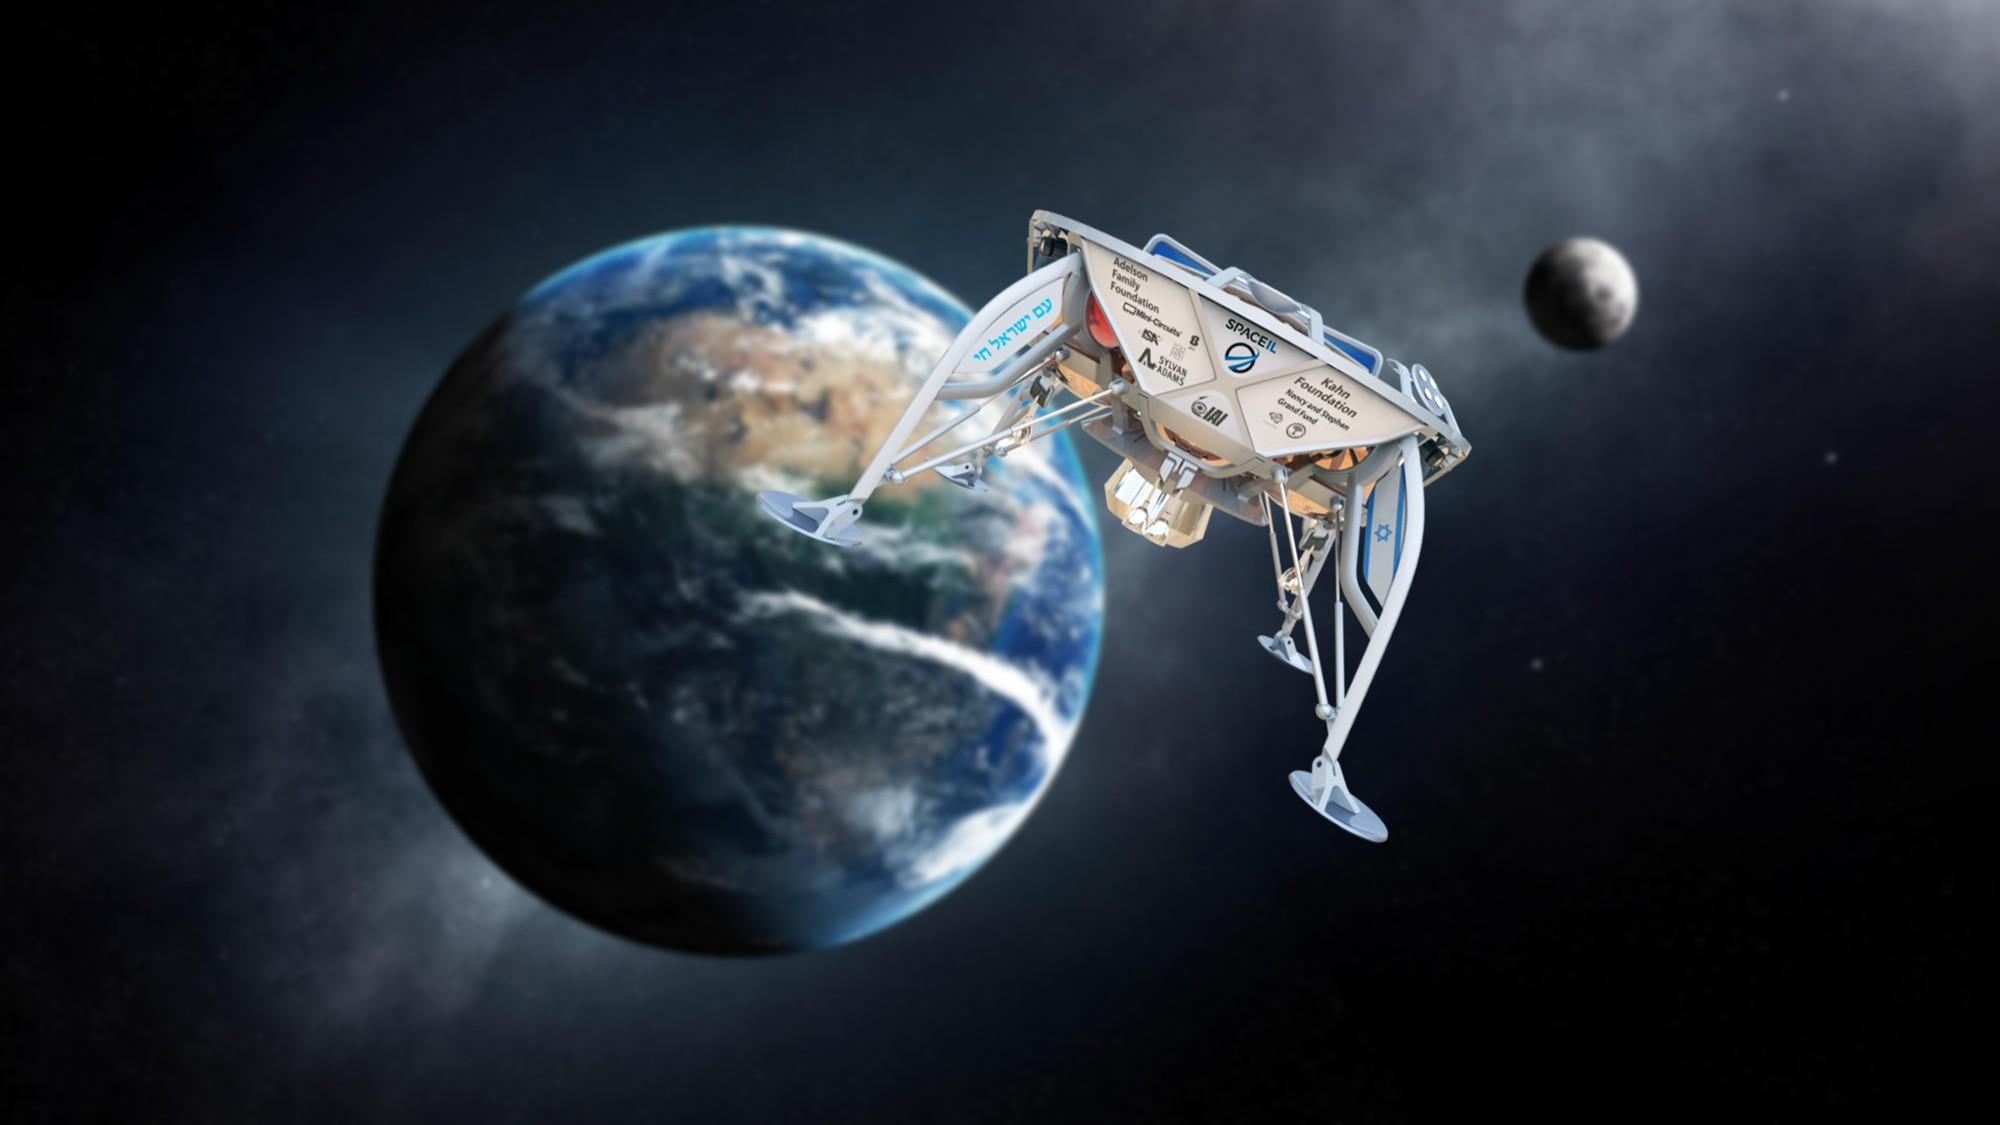 ¿Ha hecho el Estado de Israel contacto con extraterrestres?